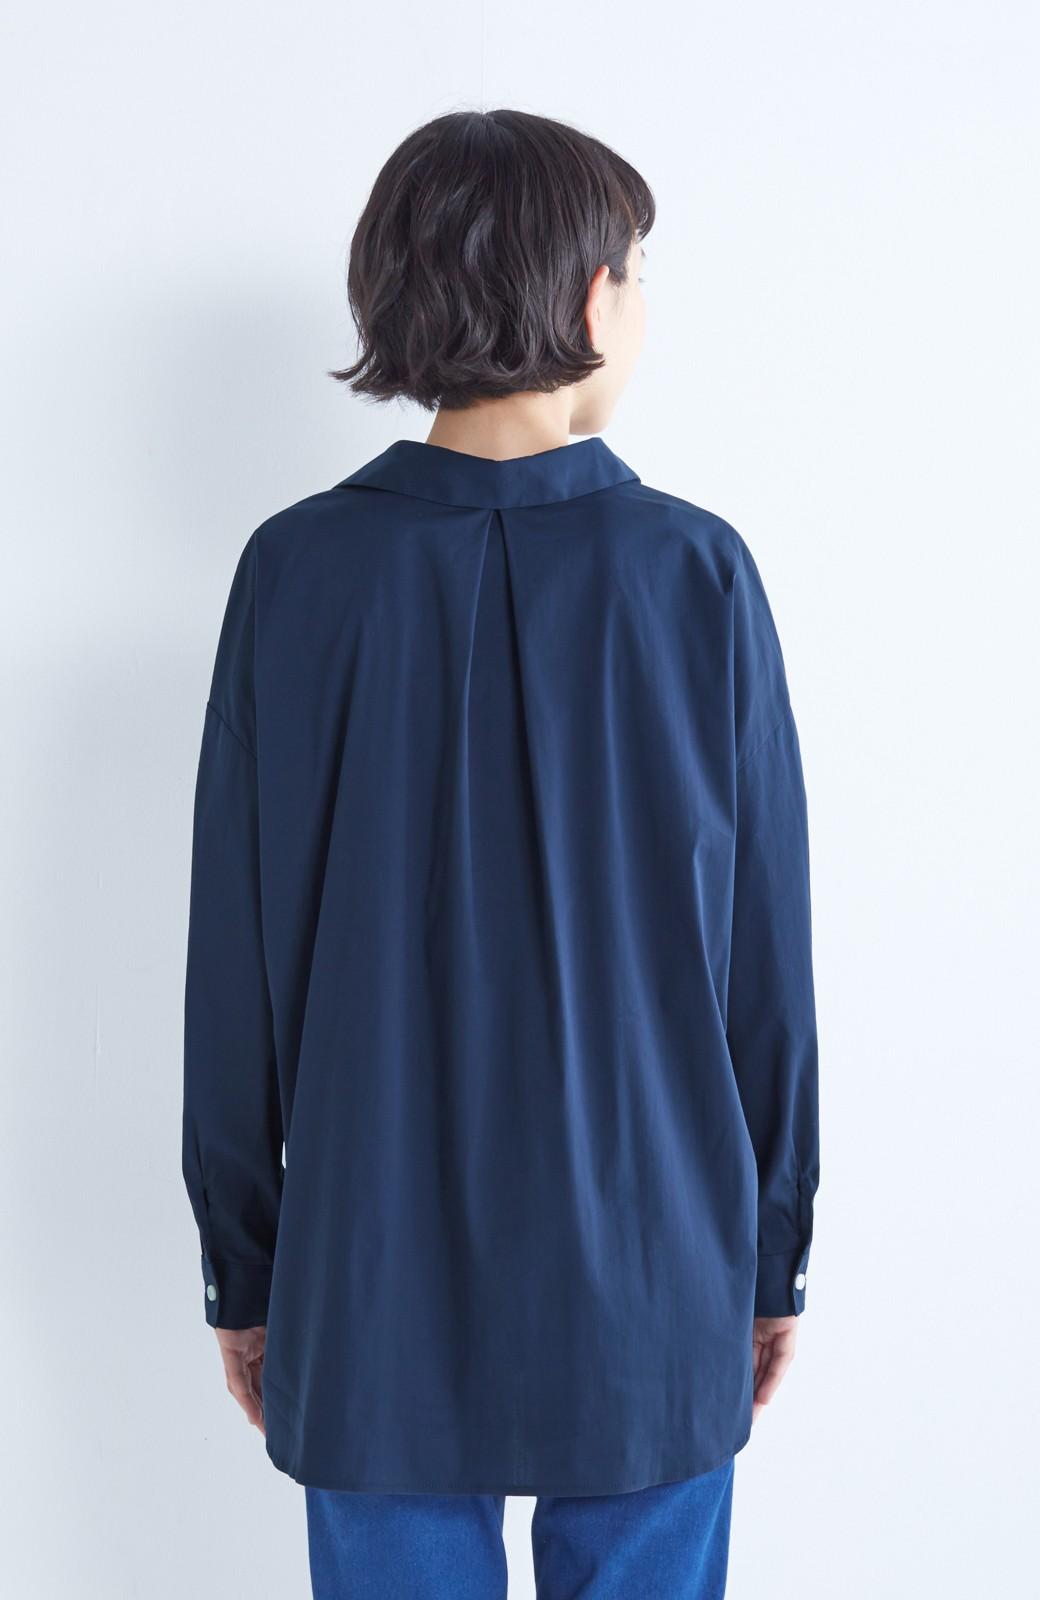 エムトロワ 着るだけでベストバランス抜き衿シャツ <ネイビー>の商品写真12